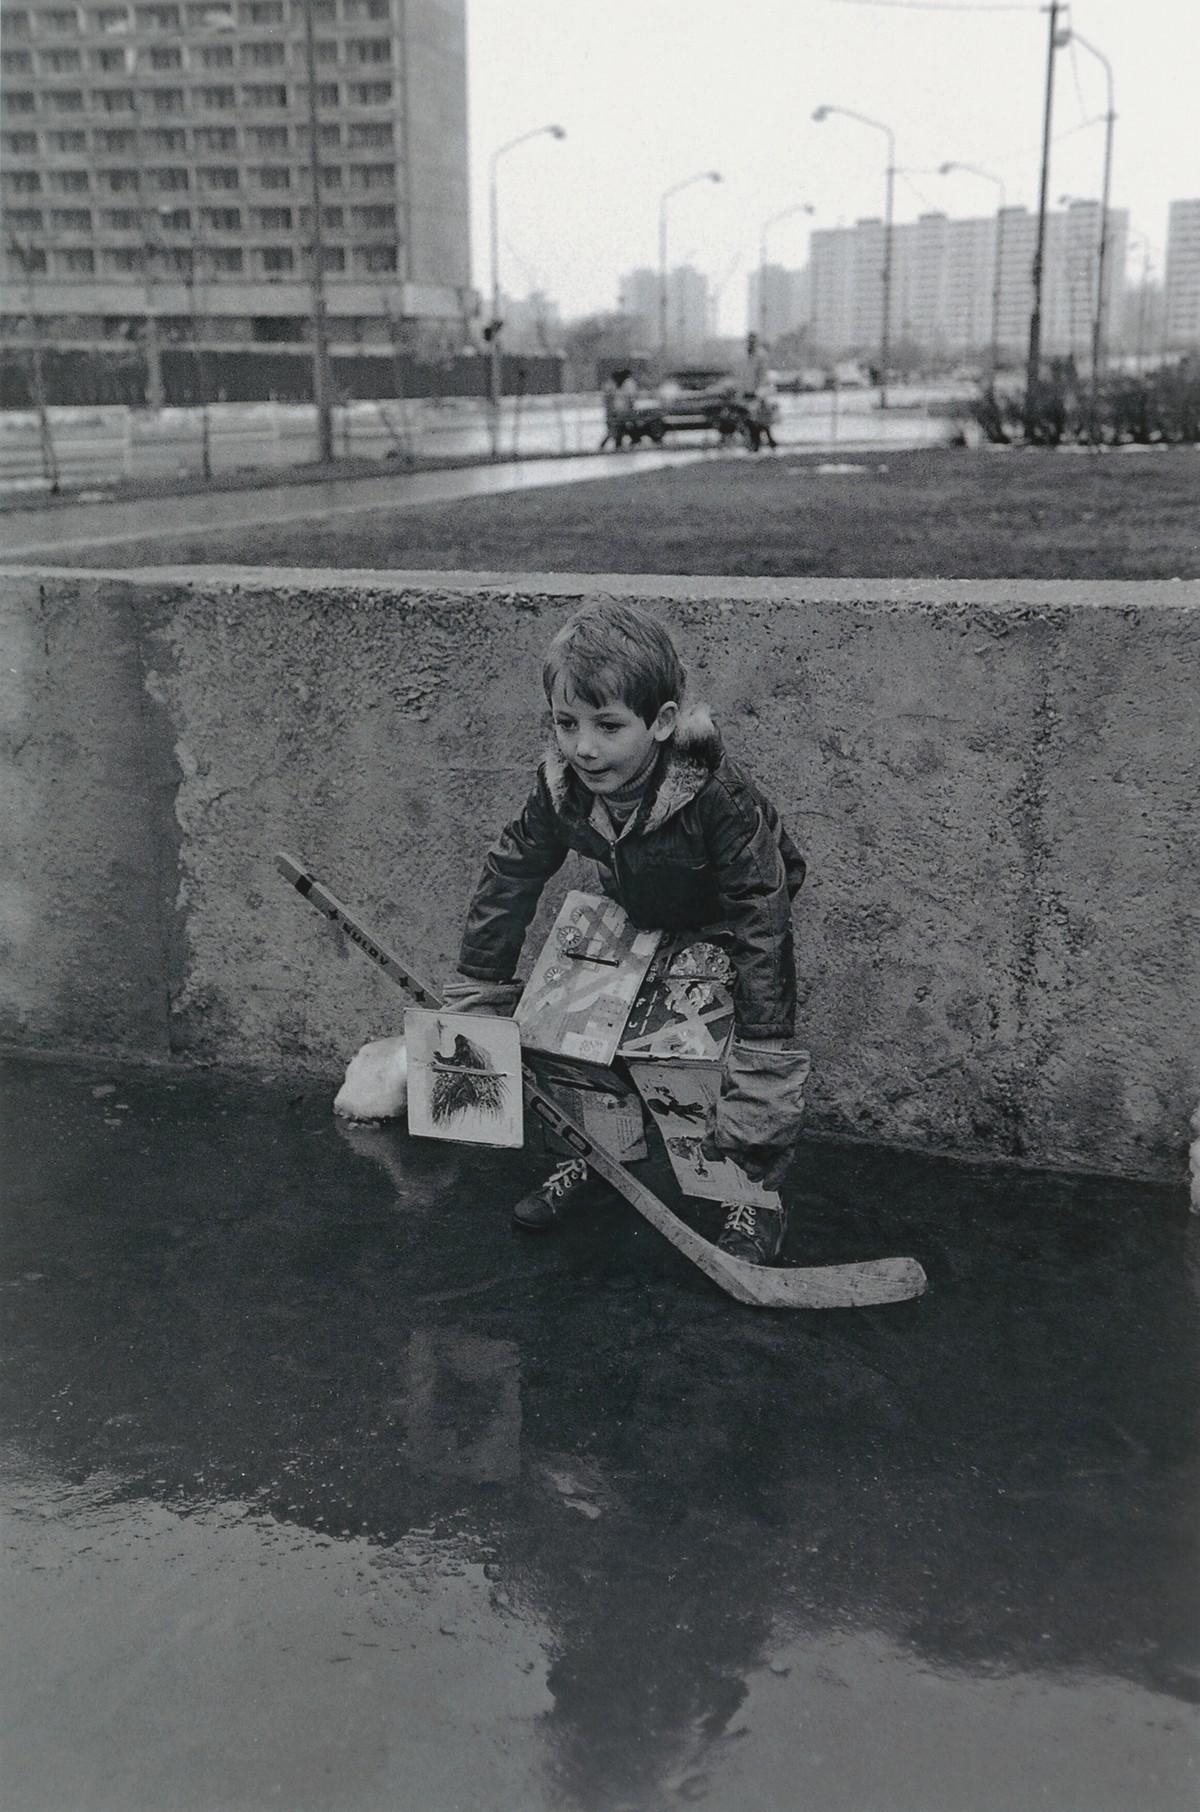 Juraj Bartoš, Deti na sídlisku. Petržalka. 1985 – 1988. Slovenská národná galéria